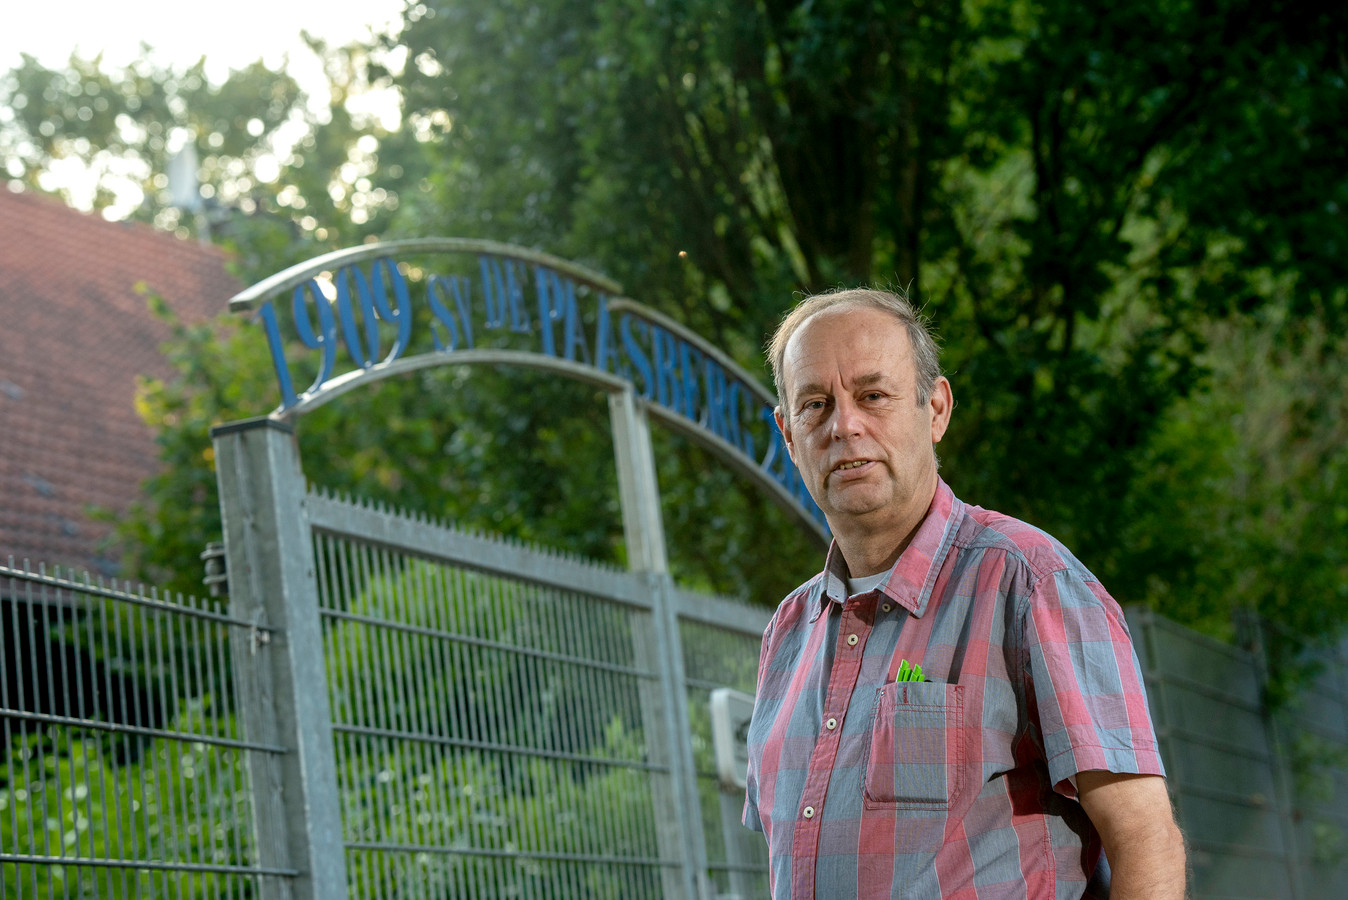 Adrie van der Beek, bestuurslid van Arnhemse amateurclub De Paasberg en arbiter.